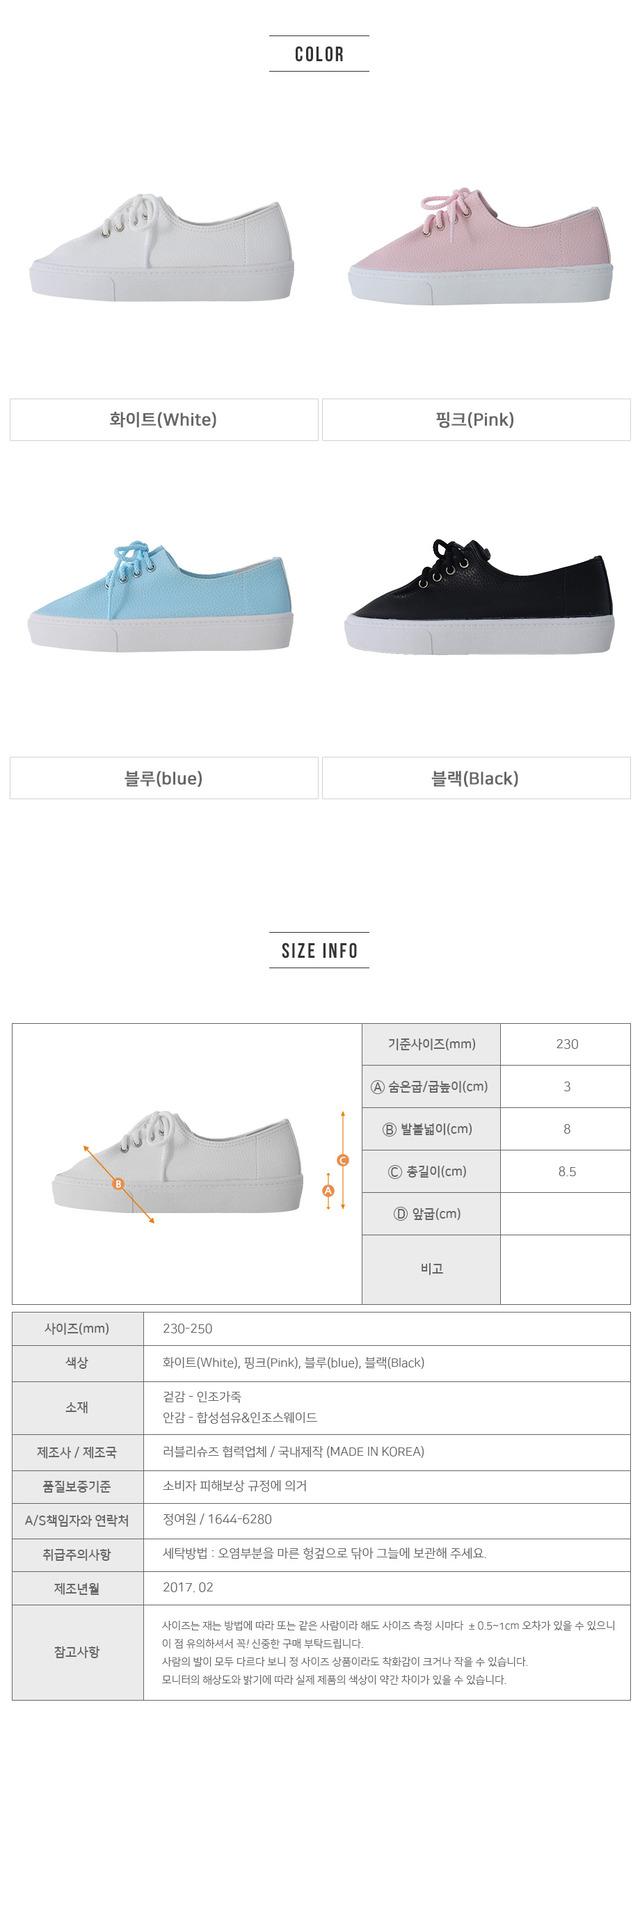 Acacia sneakers 3cm